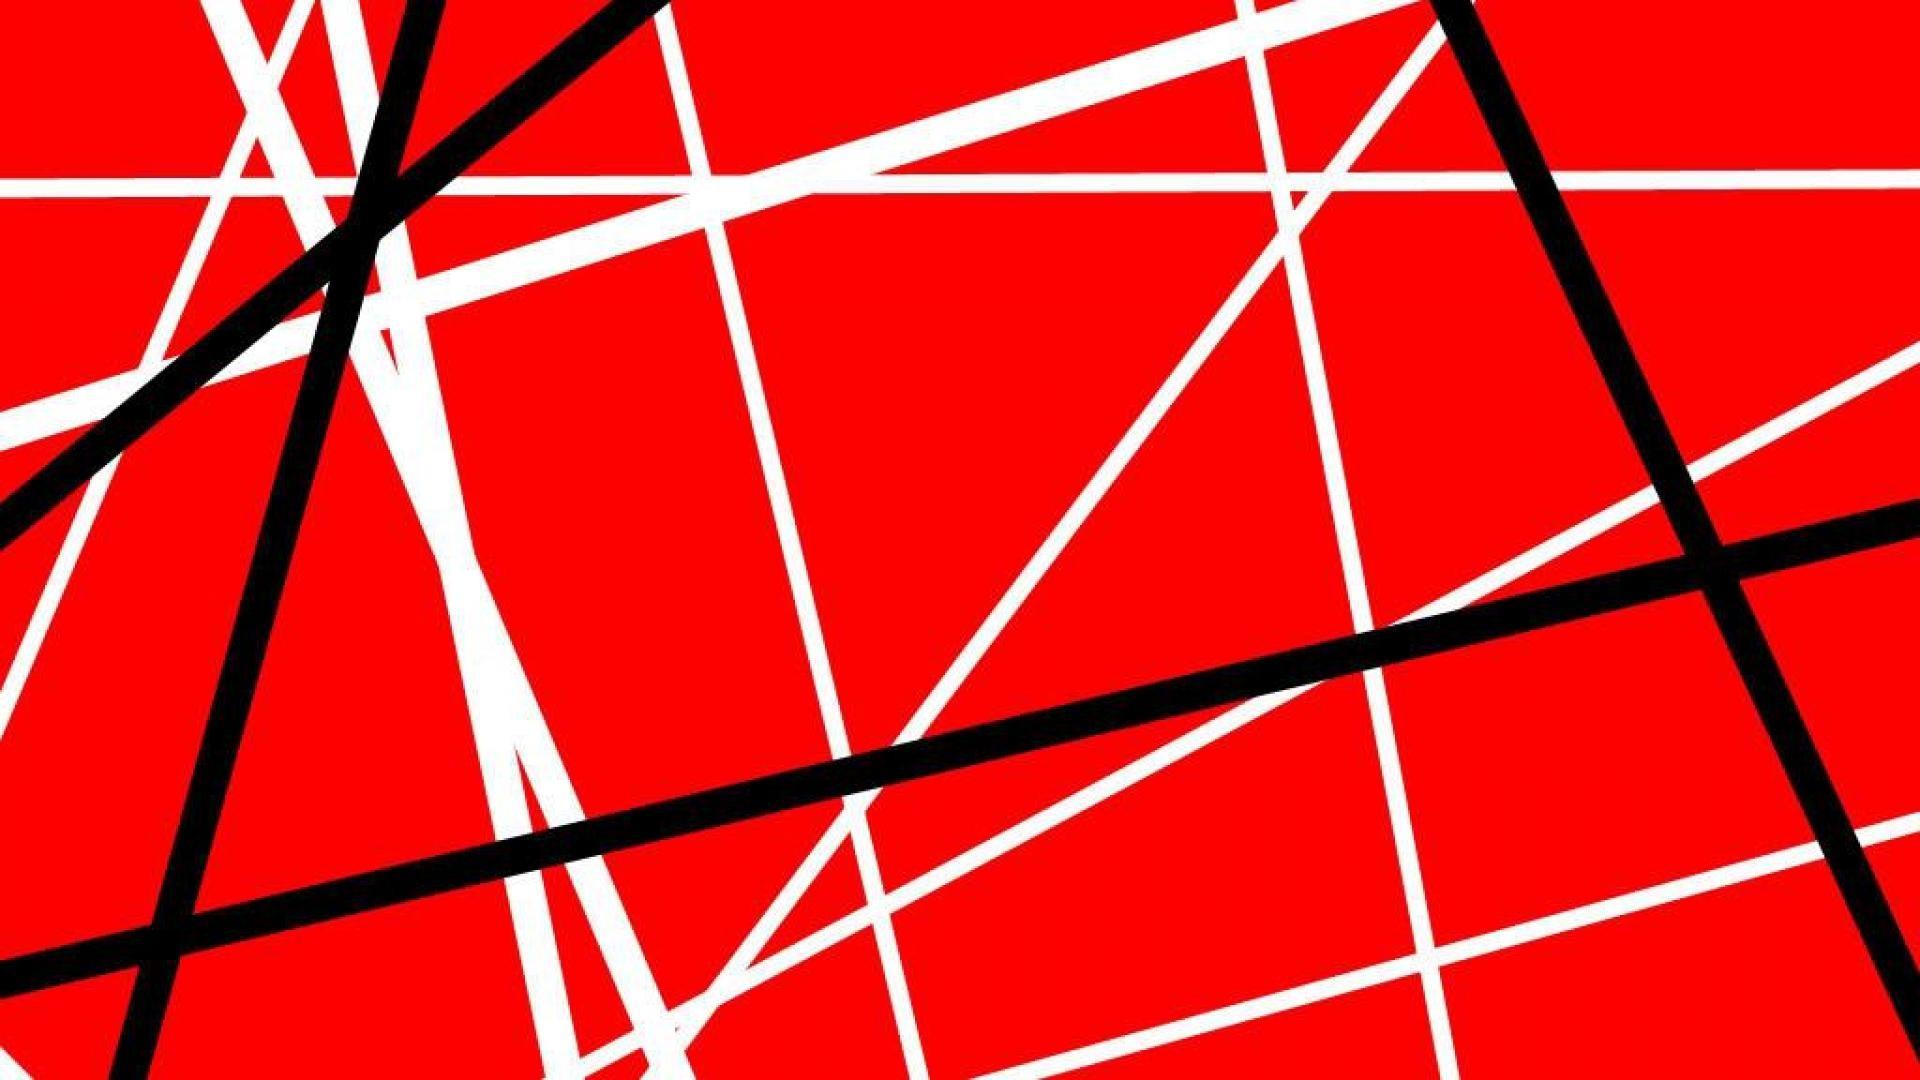 Res: 1920x1080, Excellent Van Halen Background Images HD Widescreen for Computer ...